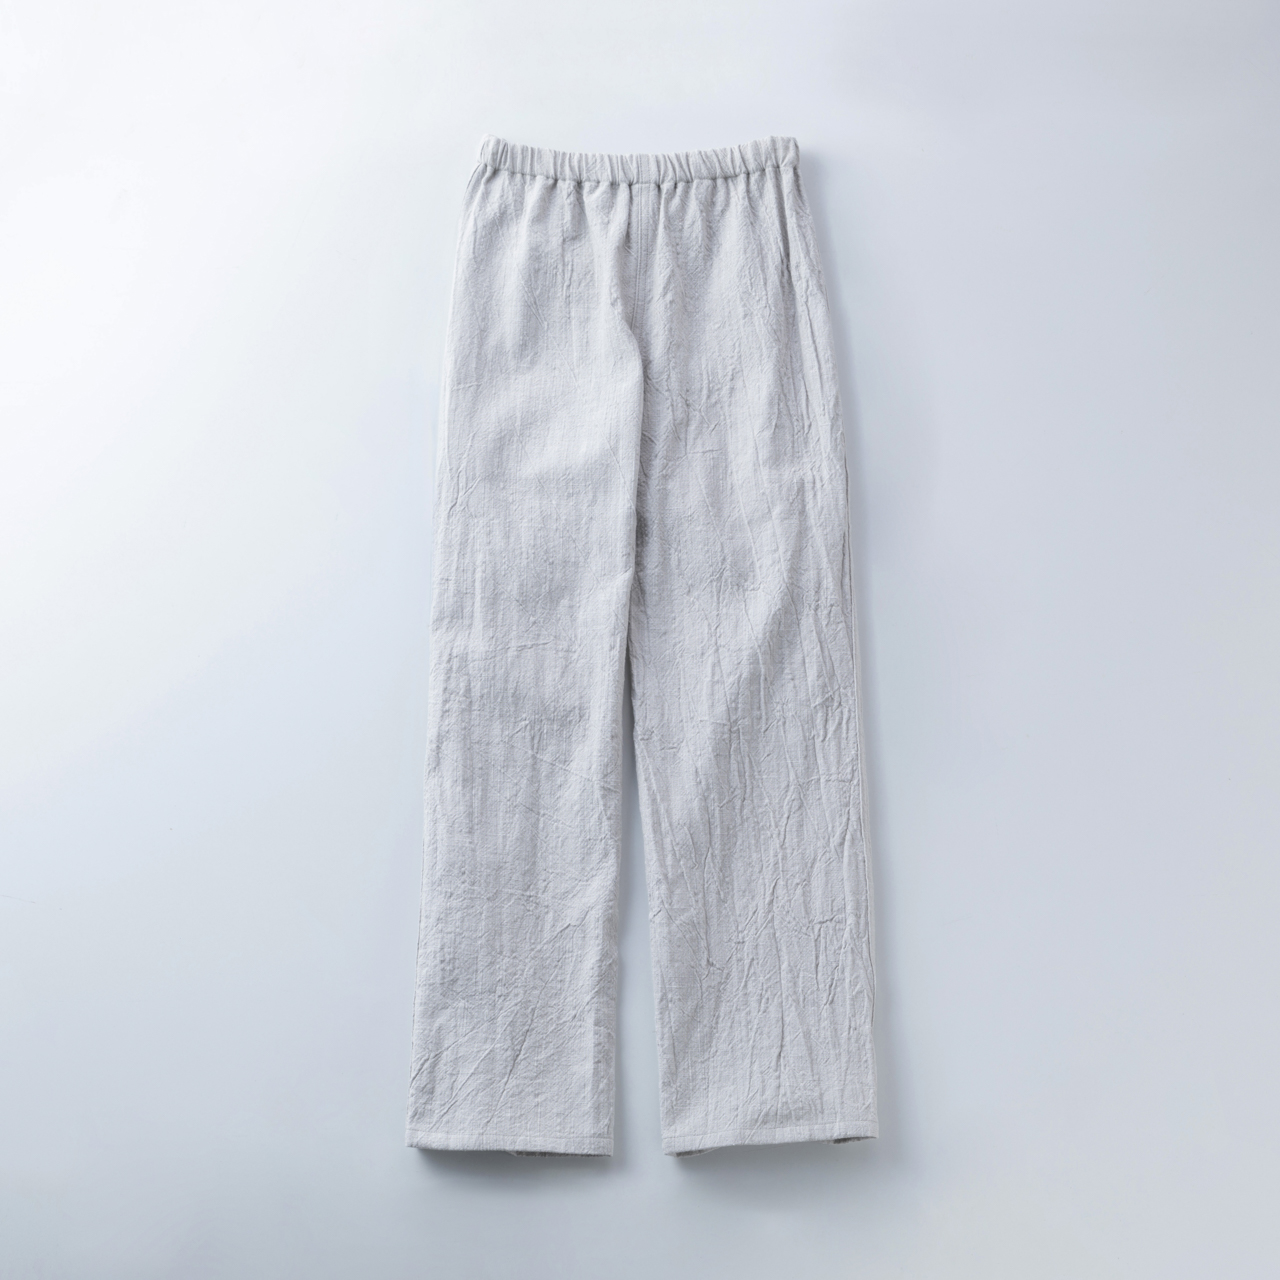 太節薄墨パンツ1